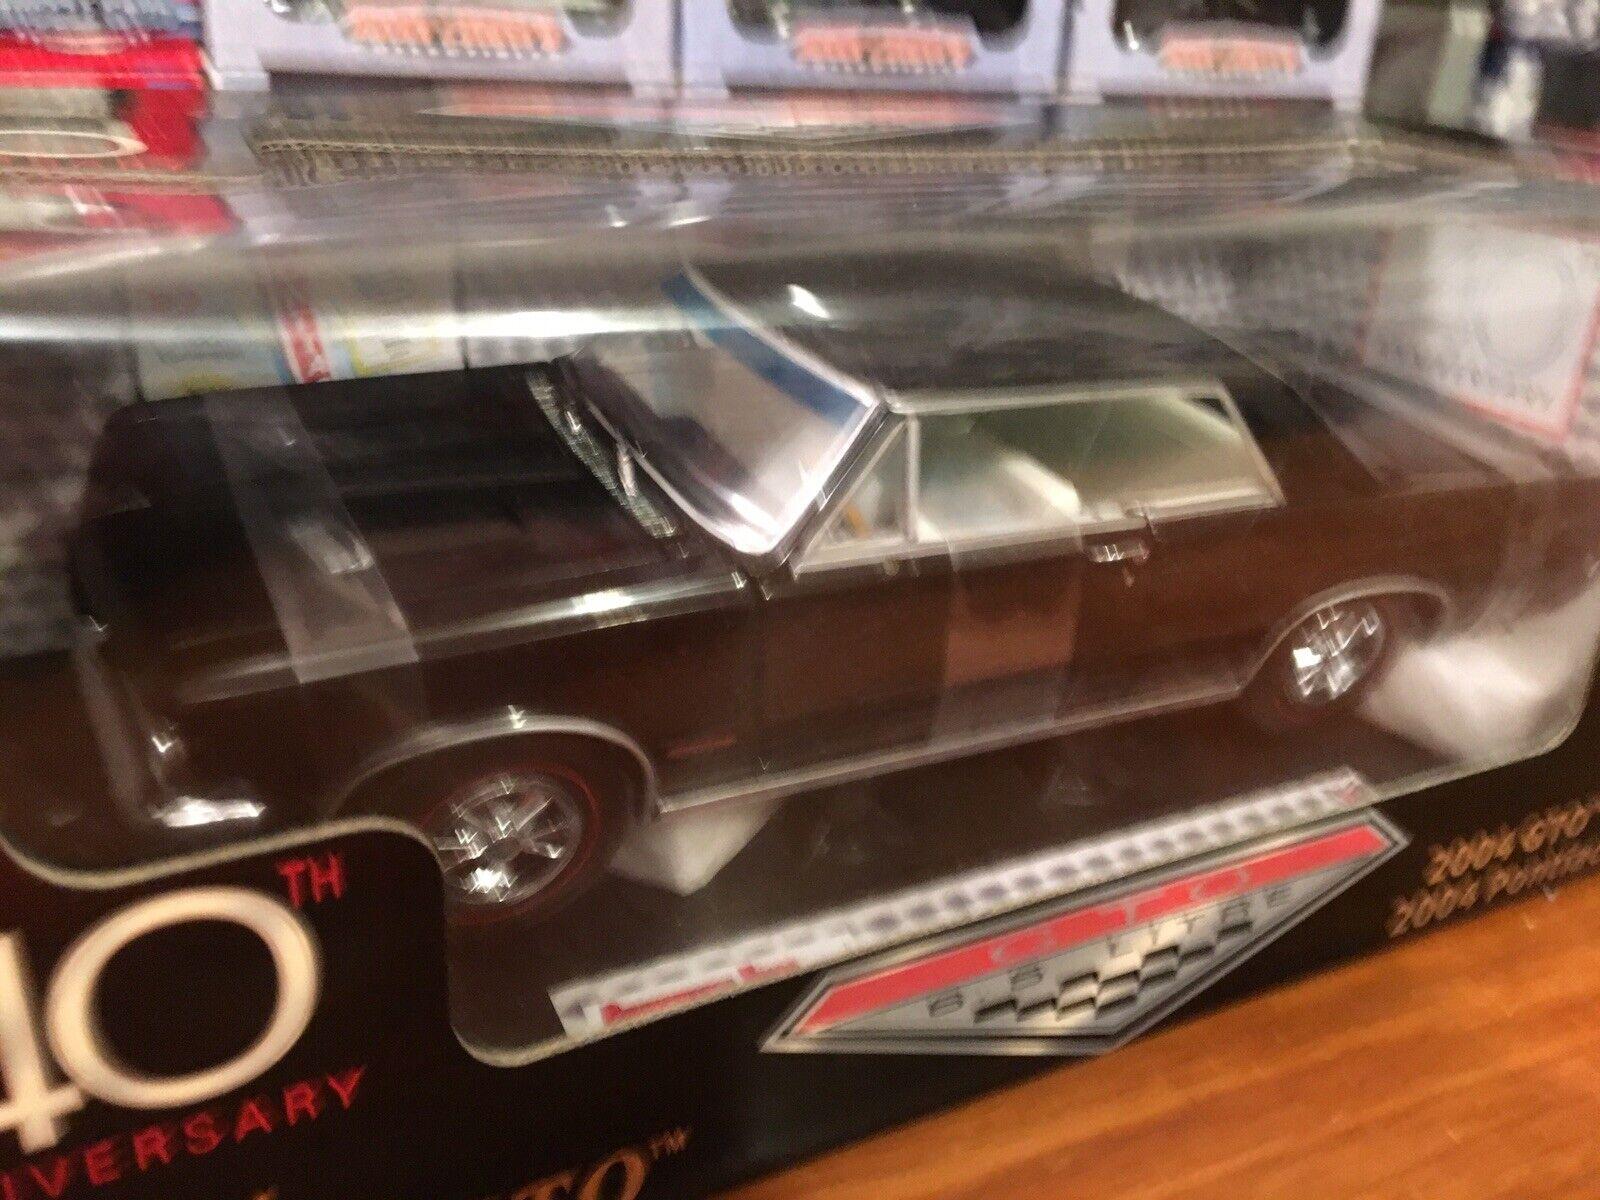 oferta de tienda Sun Estrella 1 18 1964 Pontiac Gto Gto Gto Pye 2004 Gto nacionales 40th aniversario 1 de 1000 hecha   Compra calidad 100% autentica